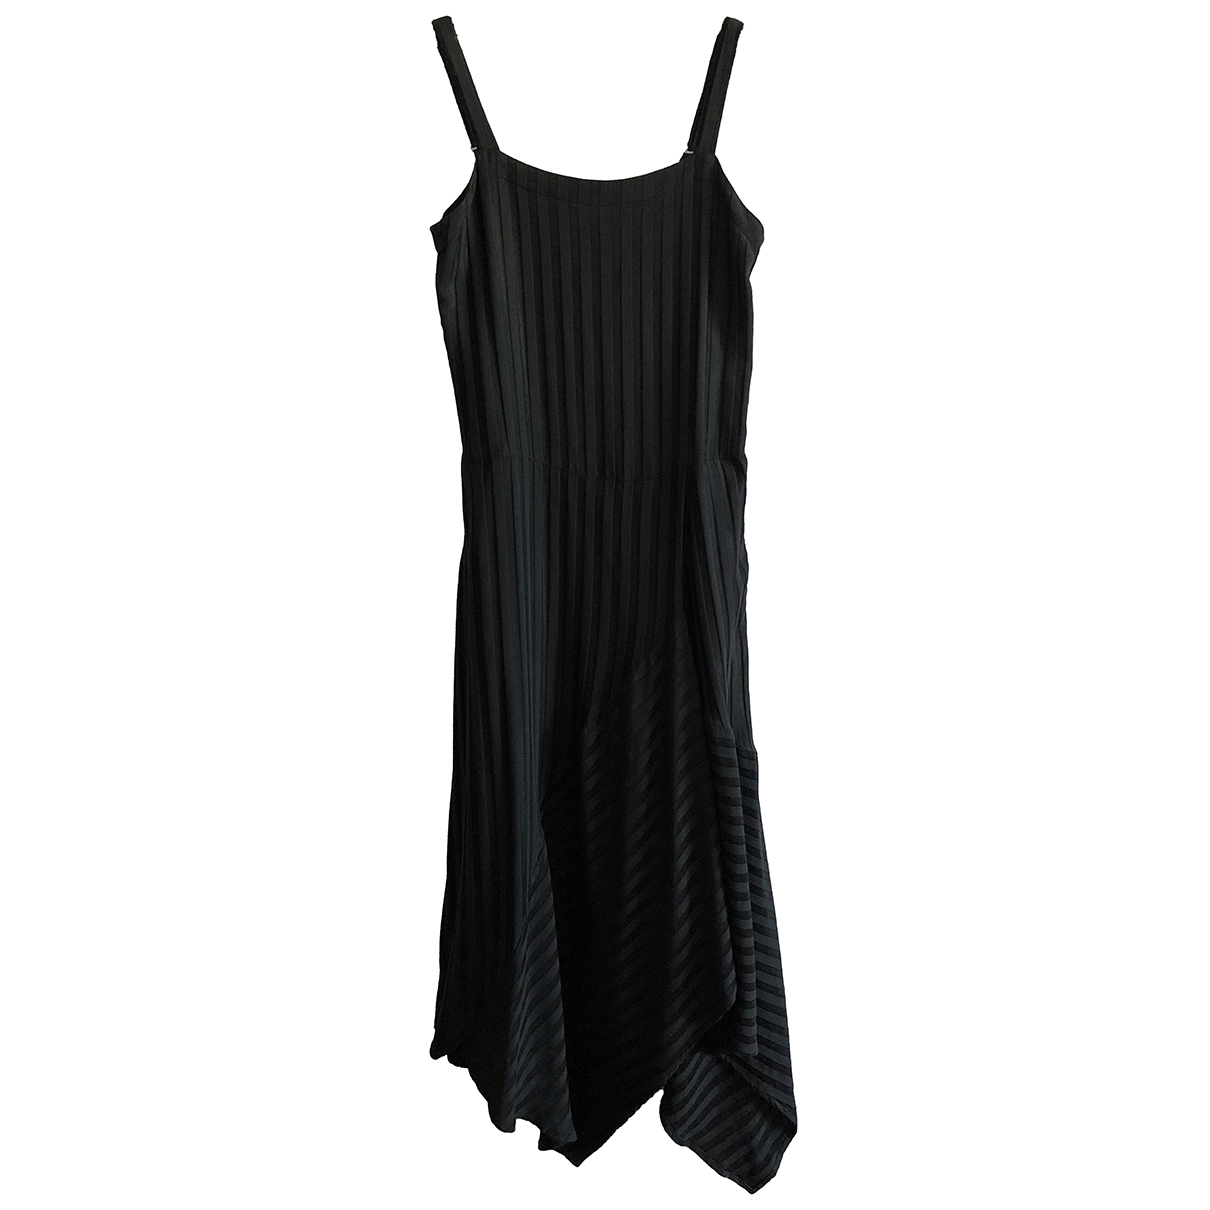 Masscob \N Kleid in  Schwarz Baumwolle